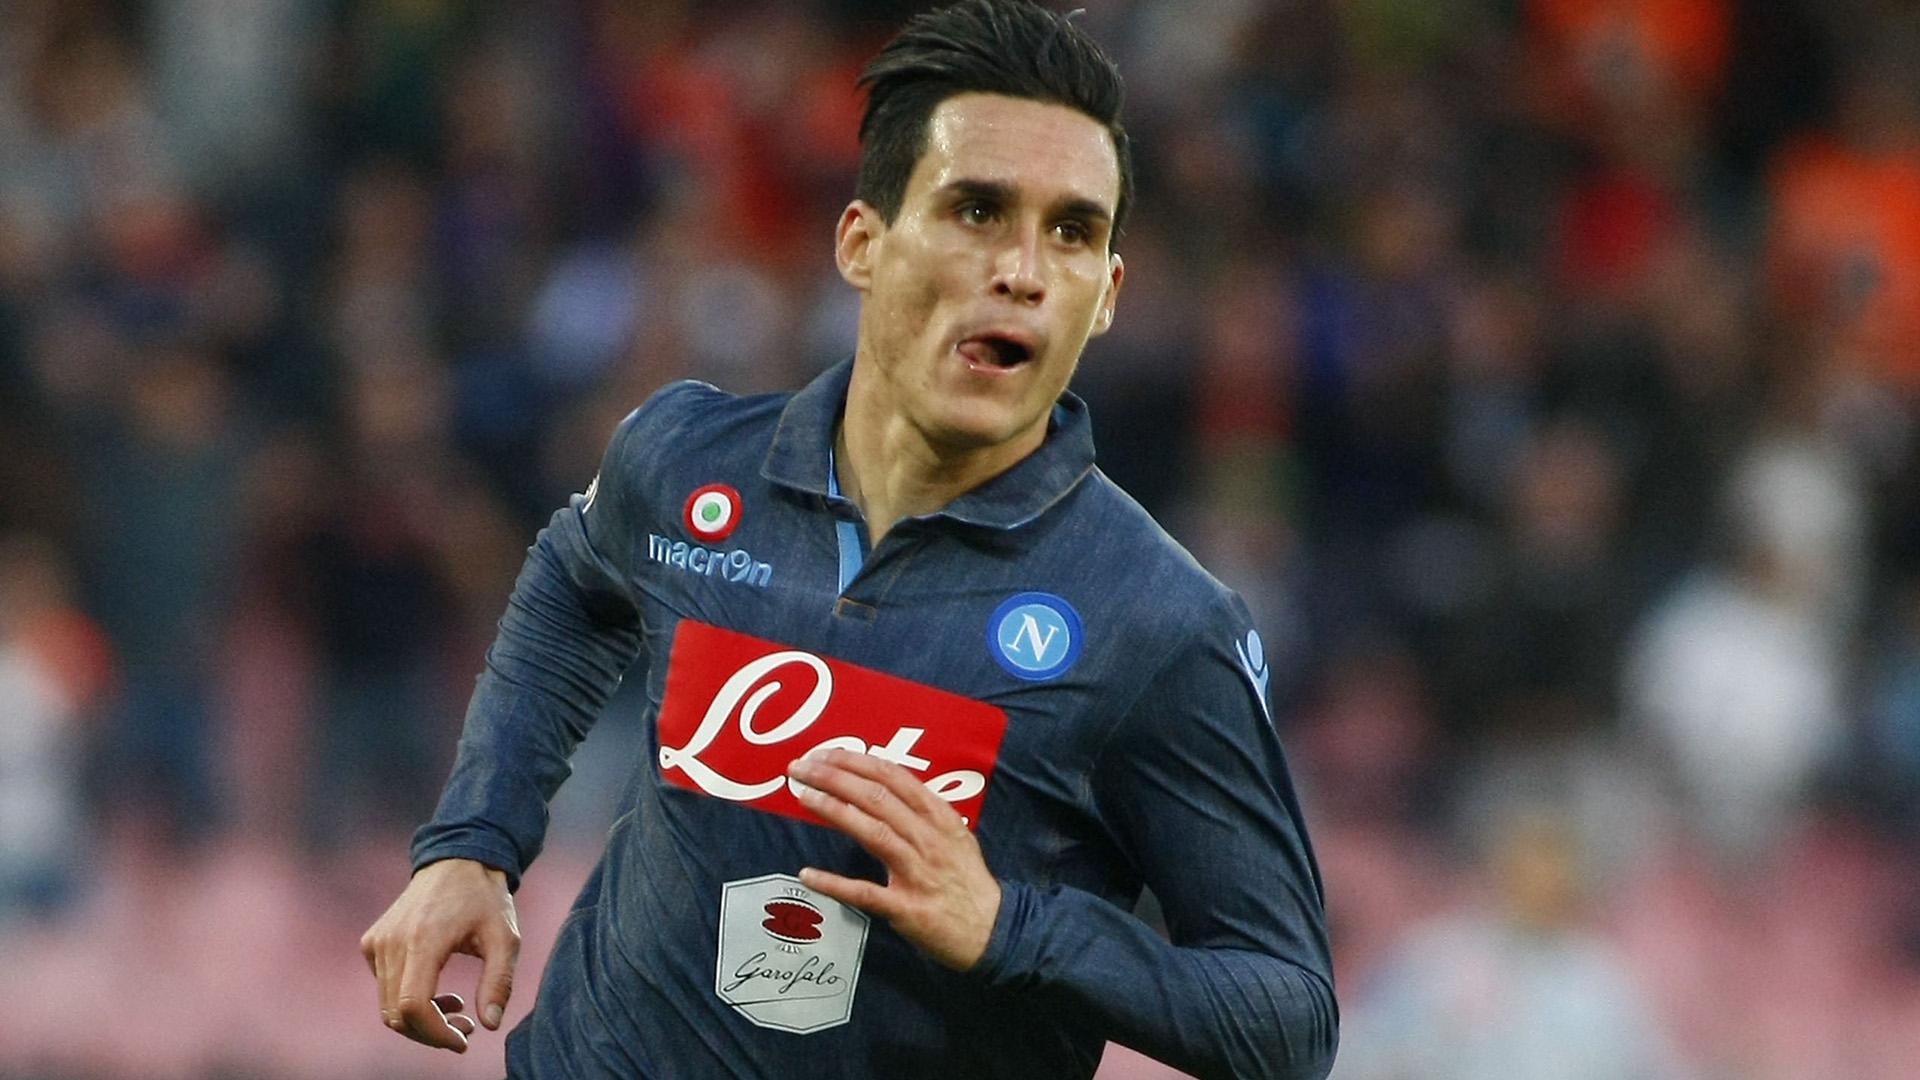 Callejon festeggia il primo gol del Napoli